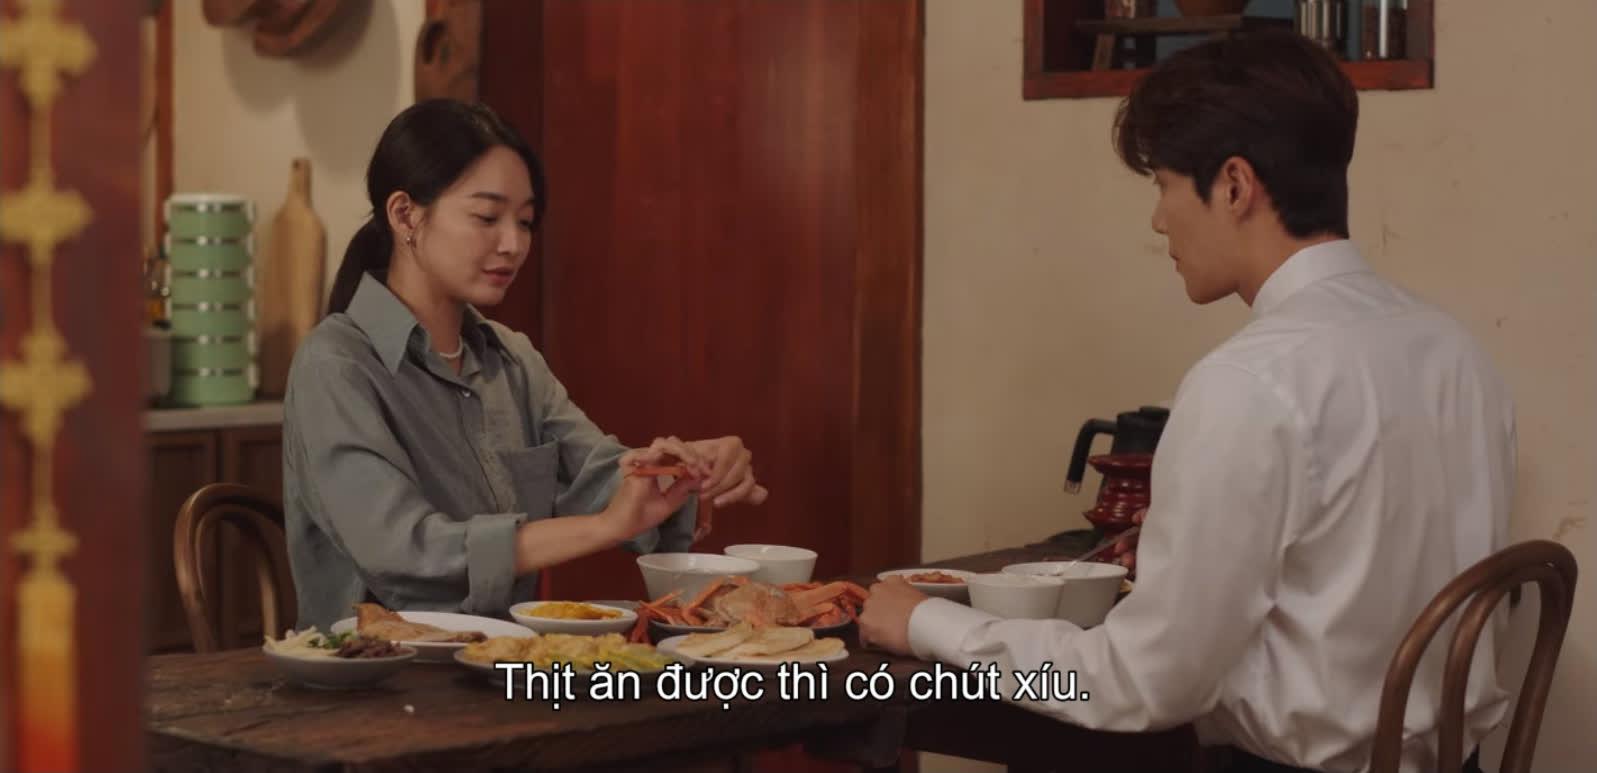 Shin Min Ah vừa tỏ tình, Kim Seon Ho đã đáp lễ bằng nụ hôn ngọt lịm ở Hometown Cha-Cha-Cha tập 10 - Ảnh 7.